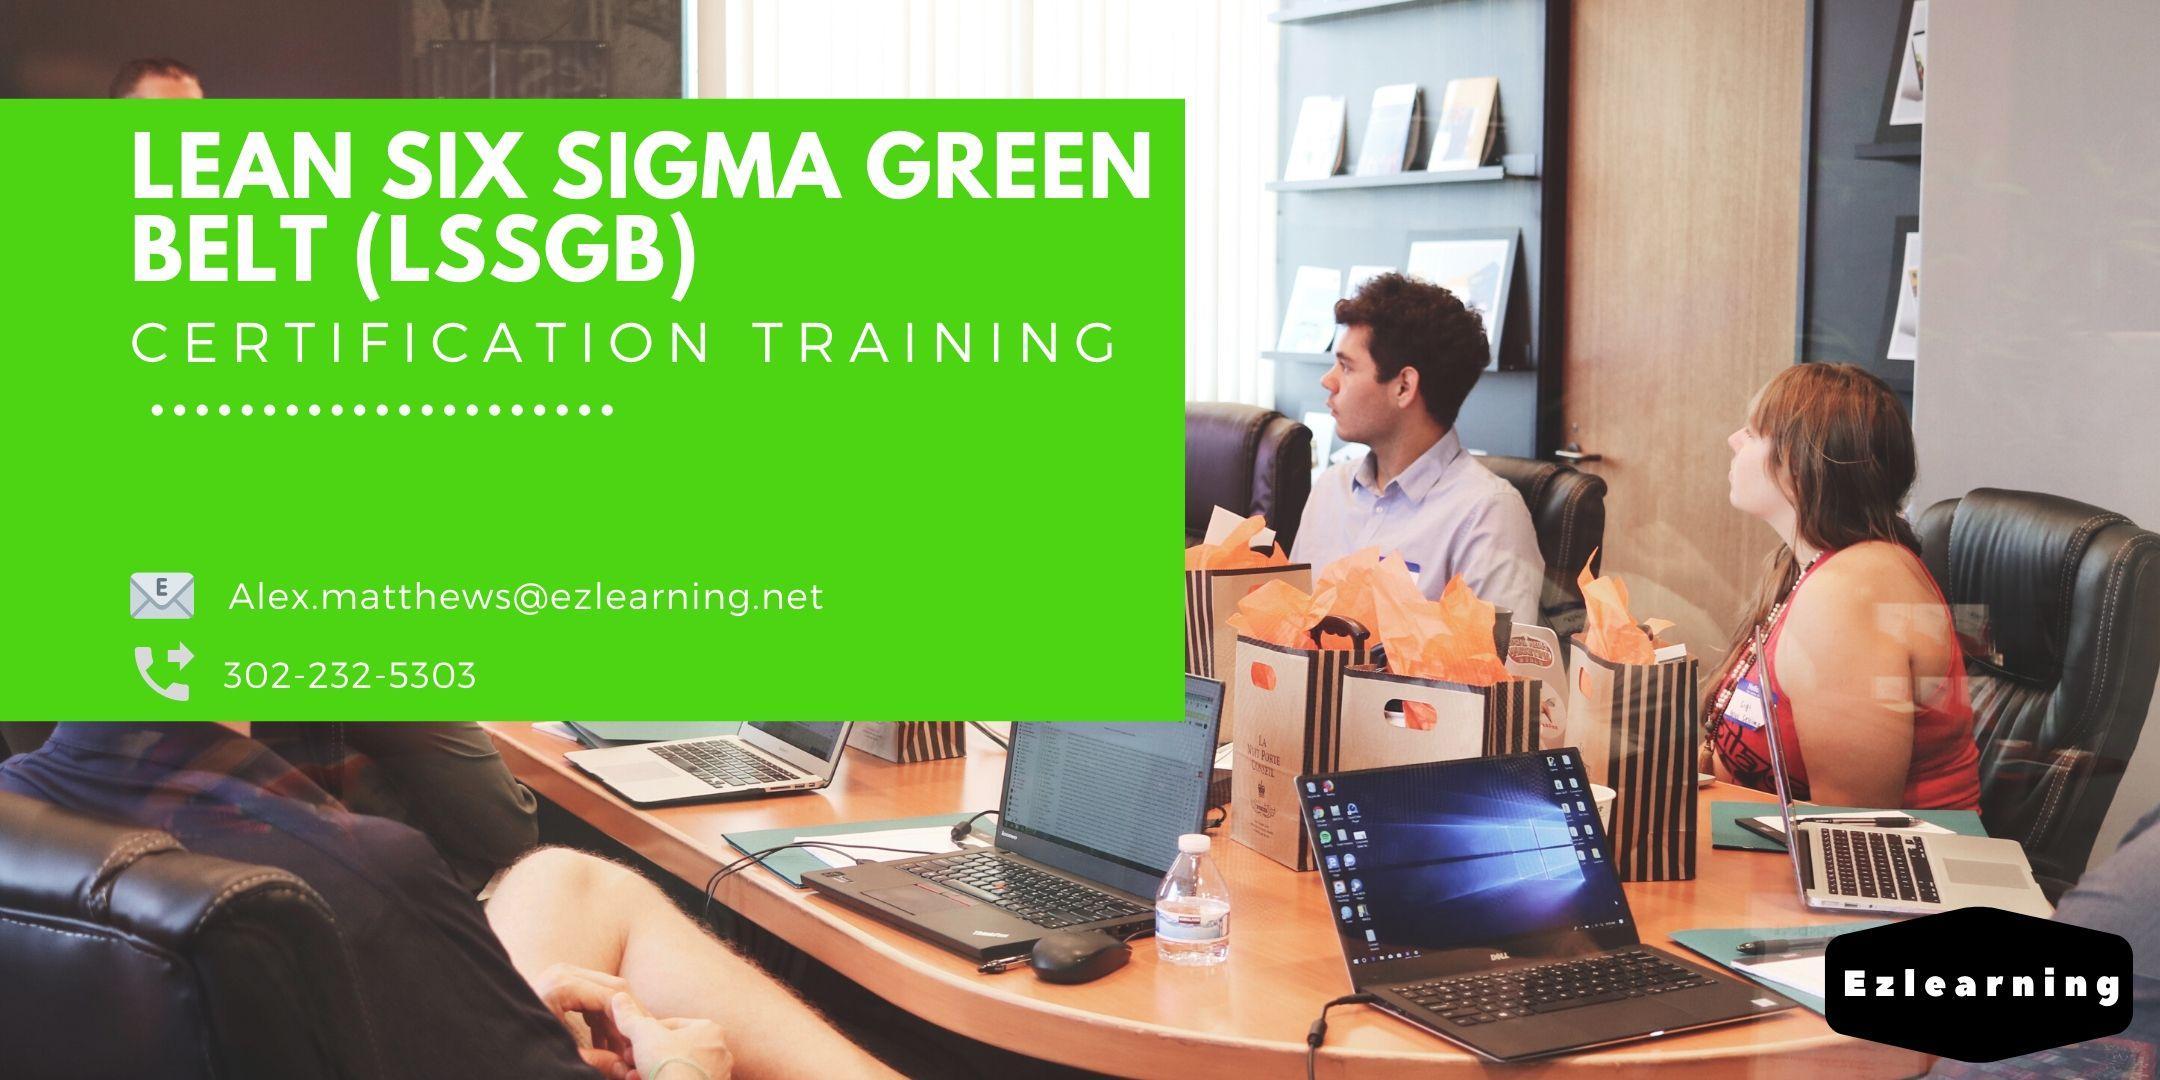 Lean Six Sigma Green Belt Certification Training in Waco, TX